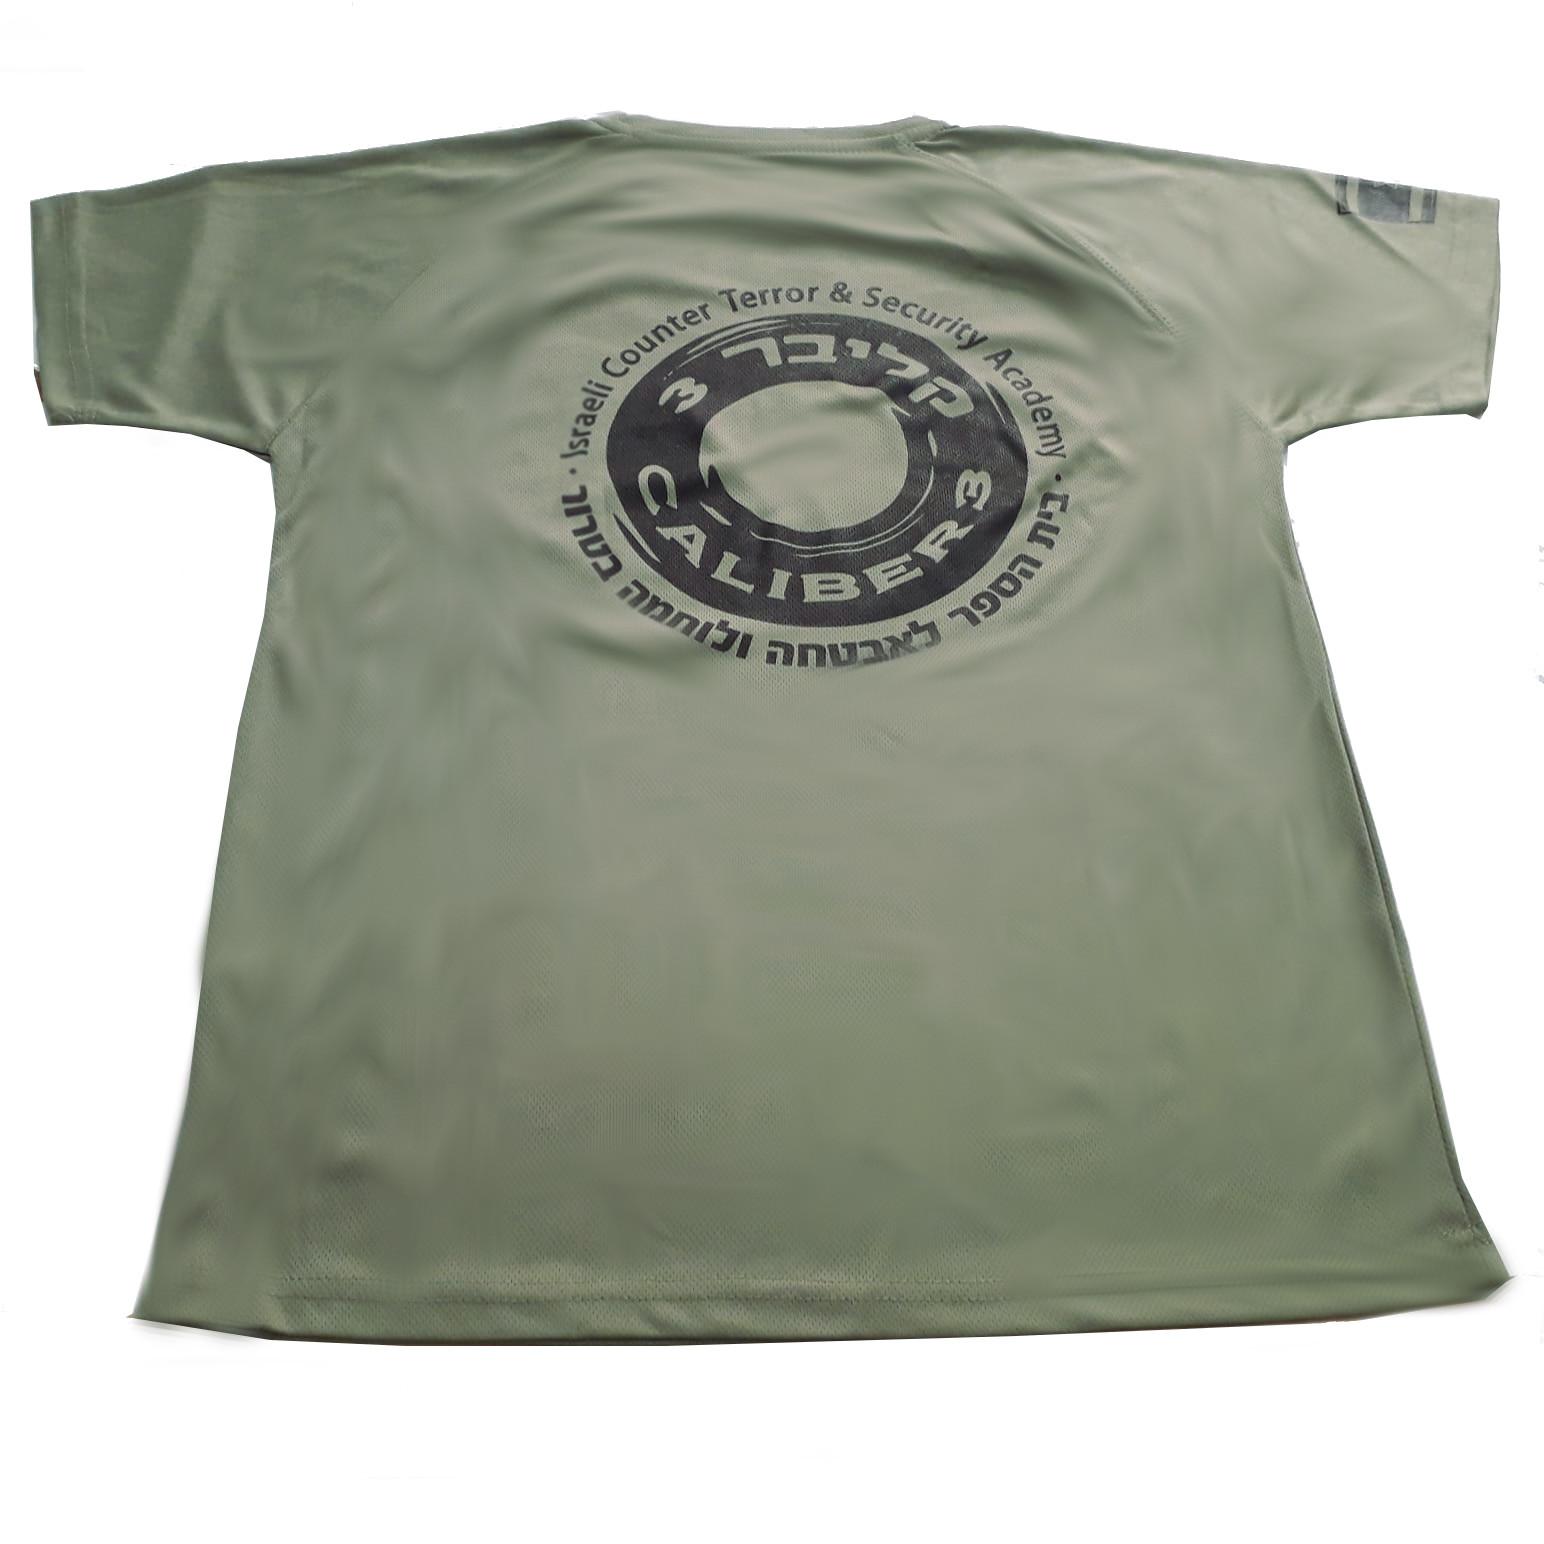 caliber 3 green cotton shirt back view.jpeg